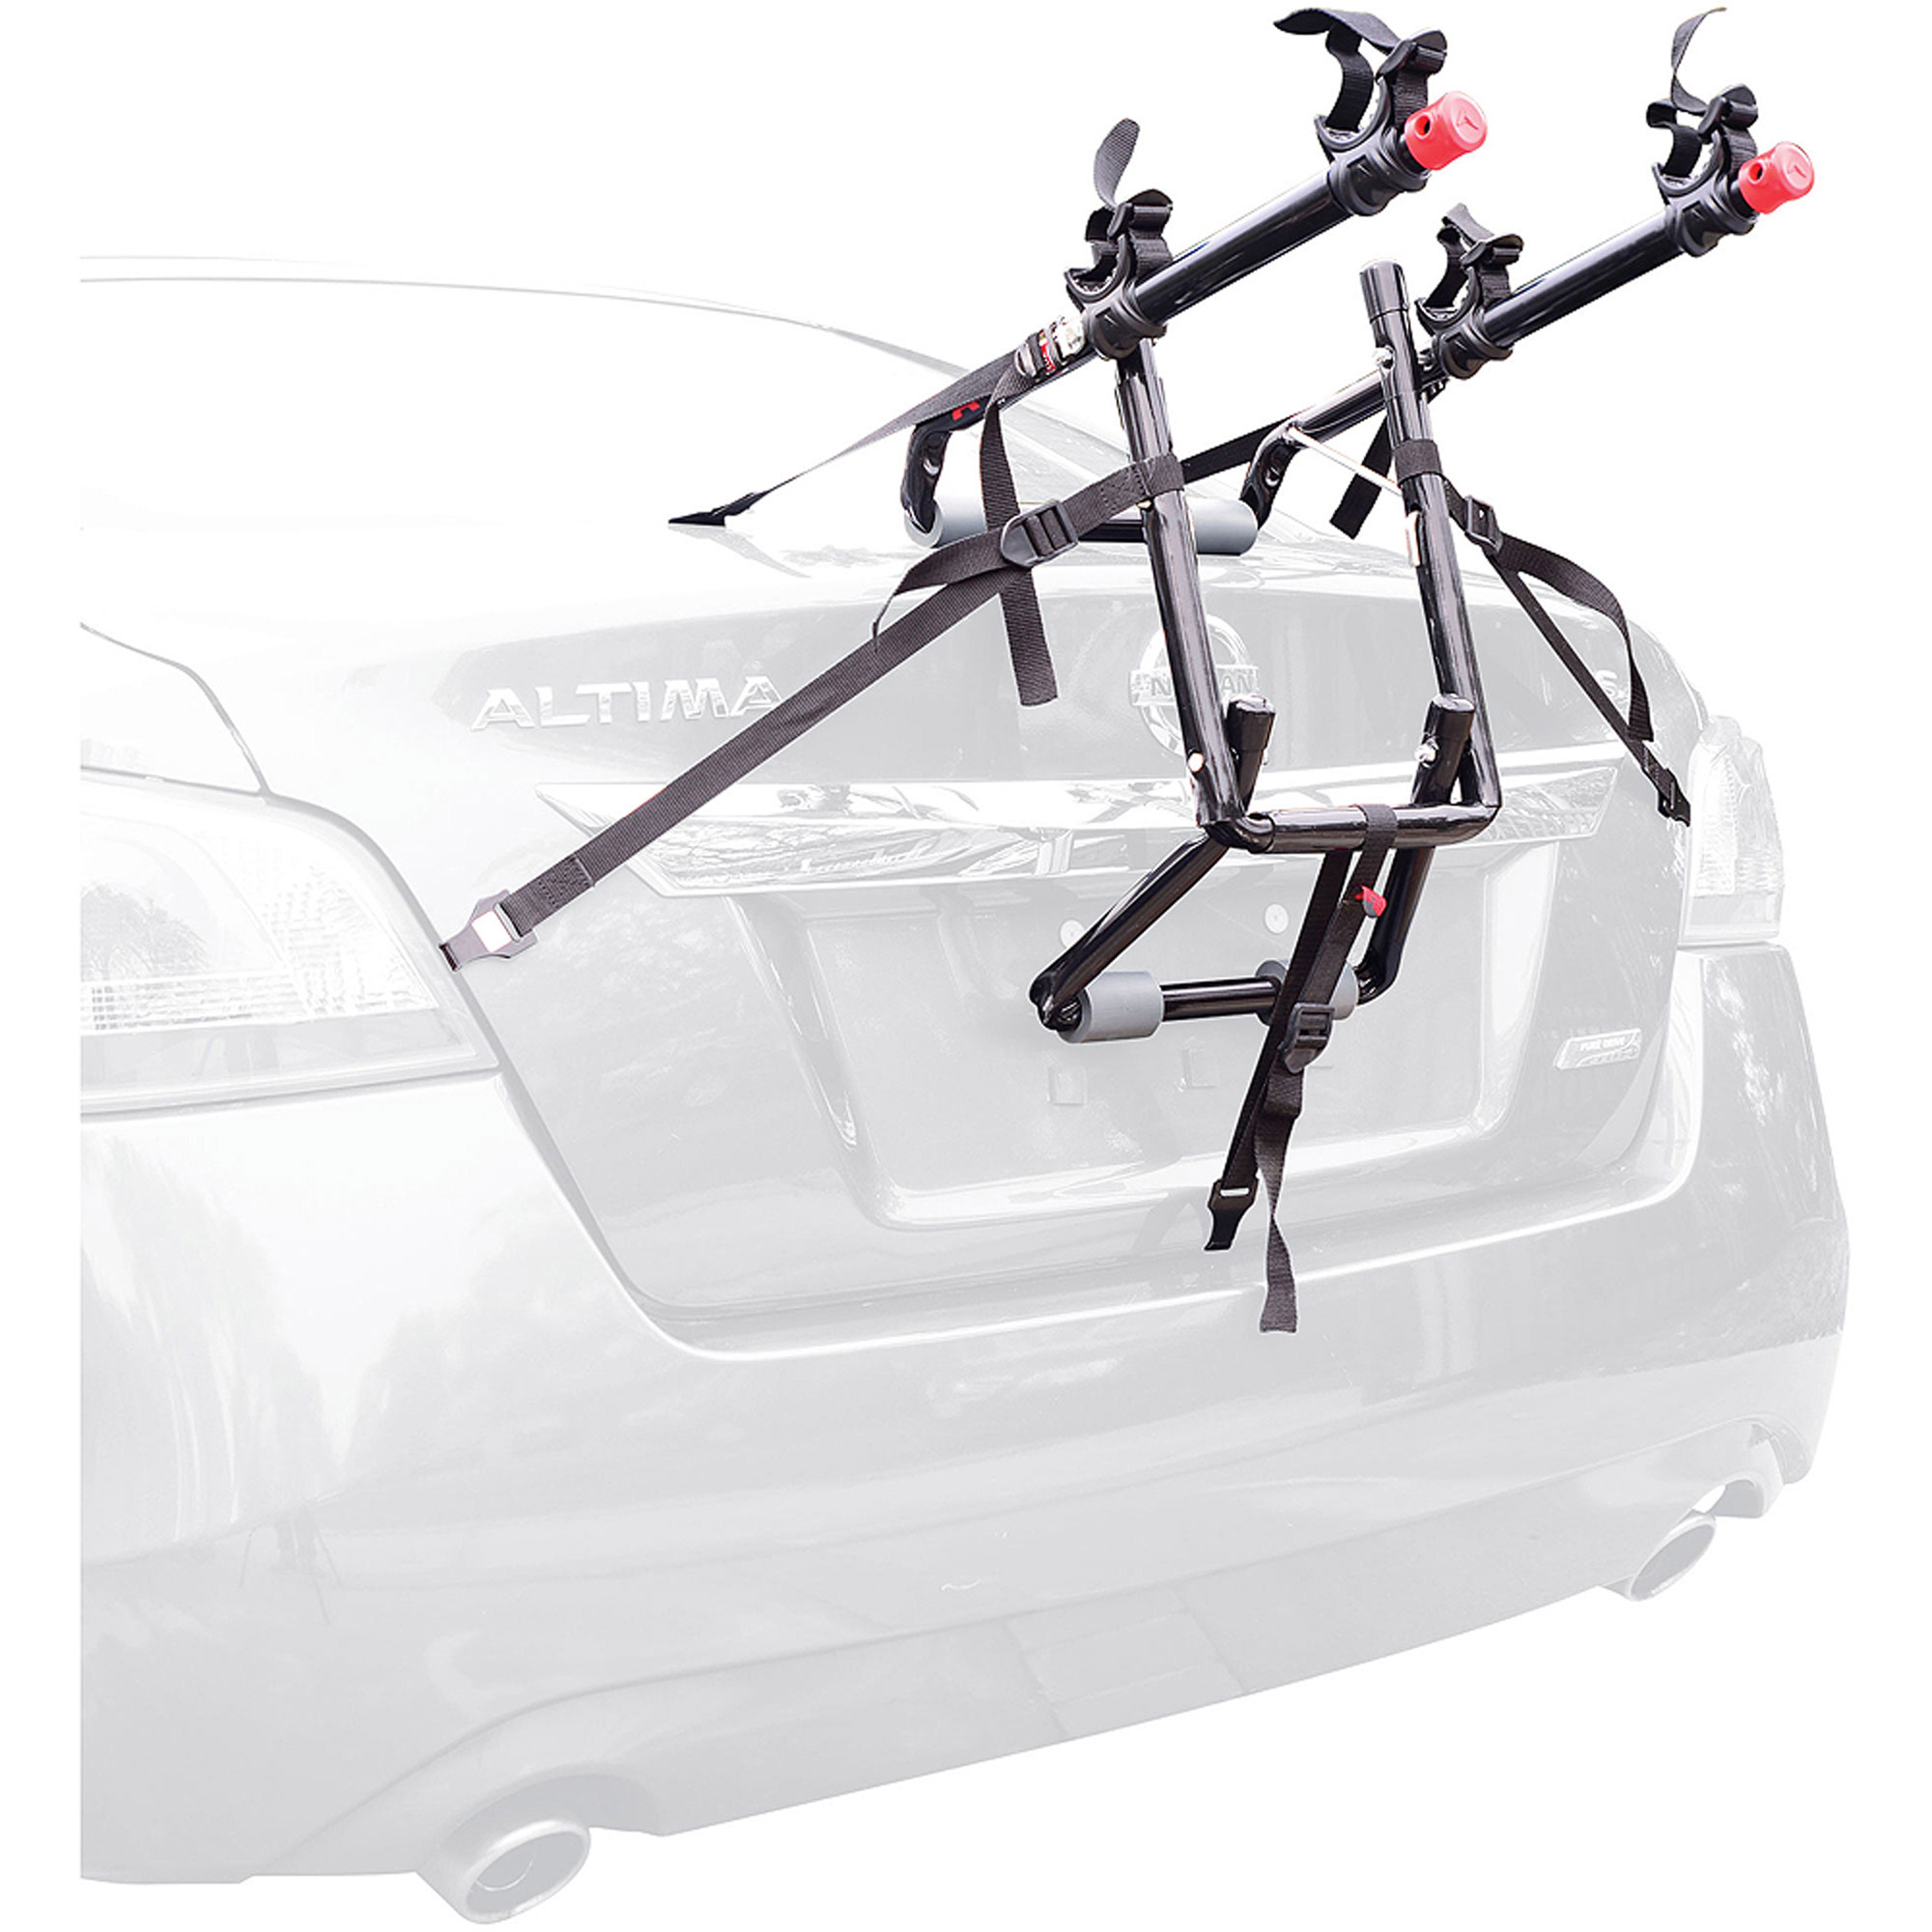 Allen Sports 102dn Deluxe 2 Bike Trunk Mounted Bike Rack